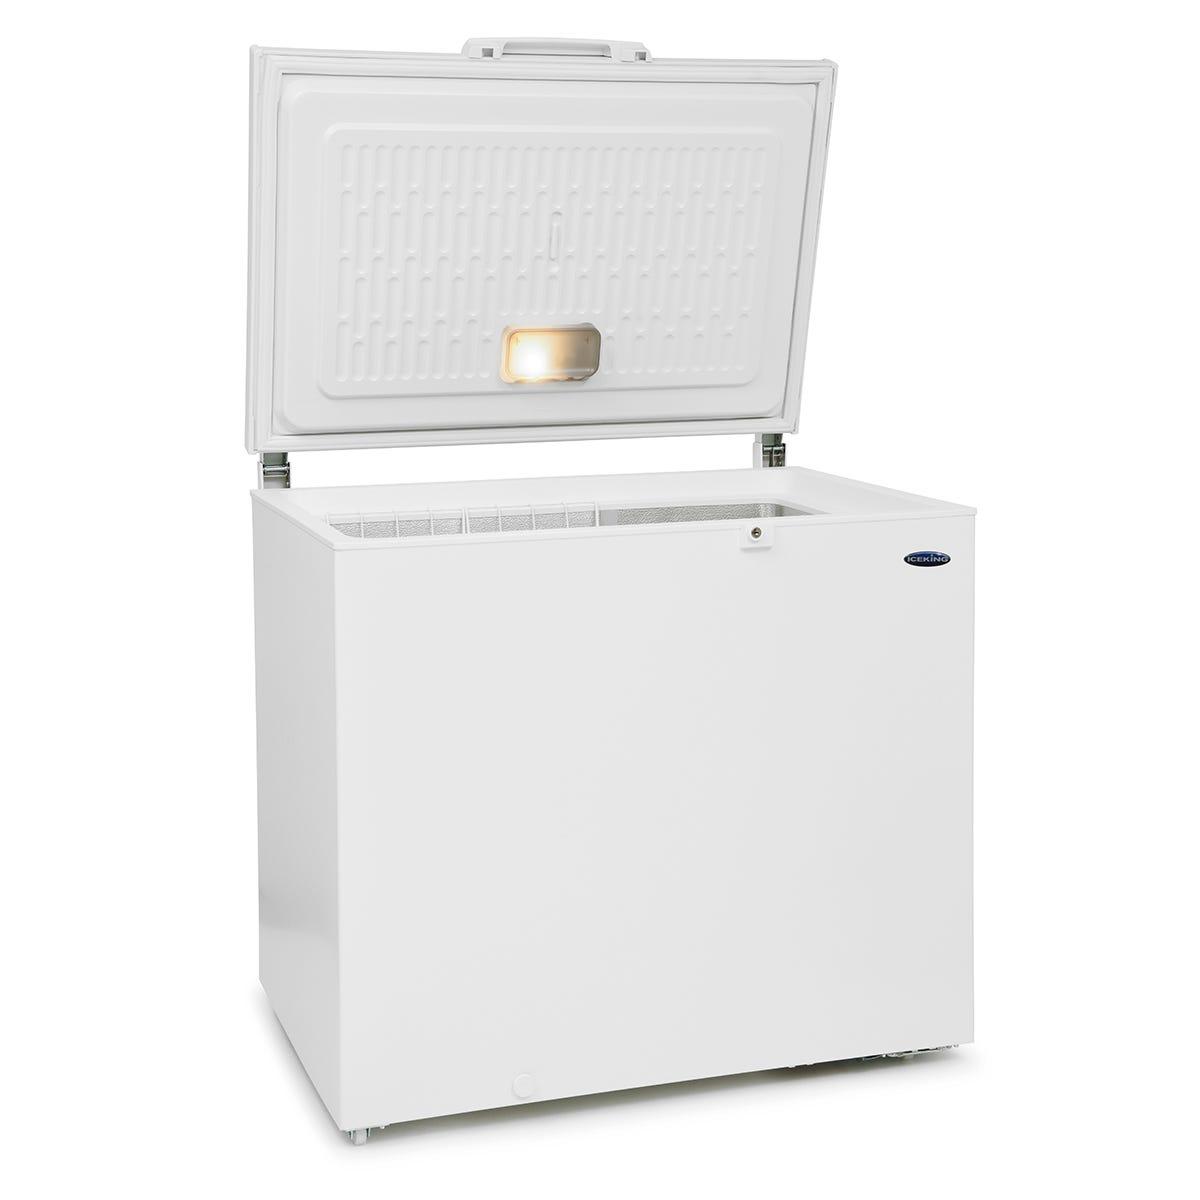 IceKing CF252W.E 252 Litre Chest Freezer - White